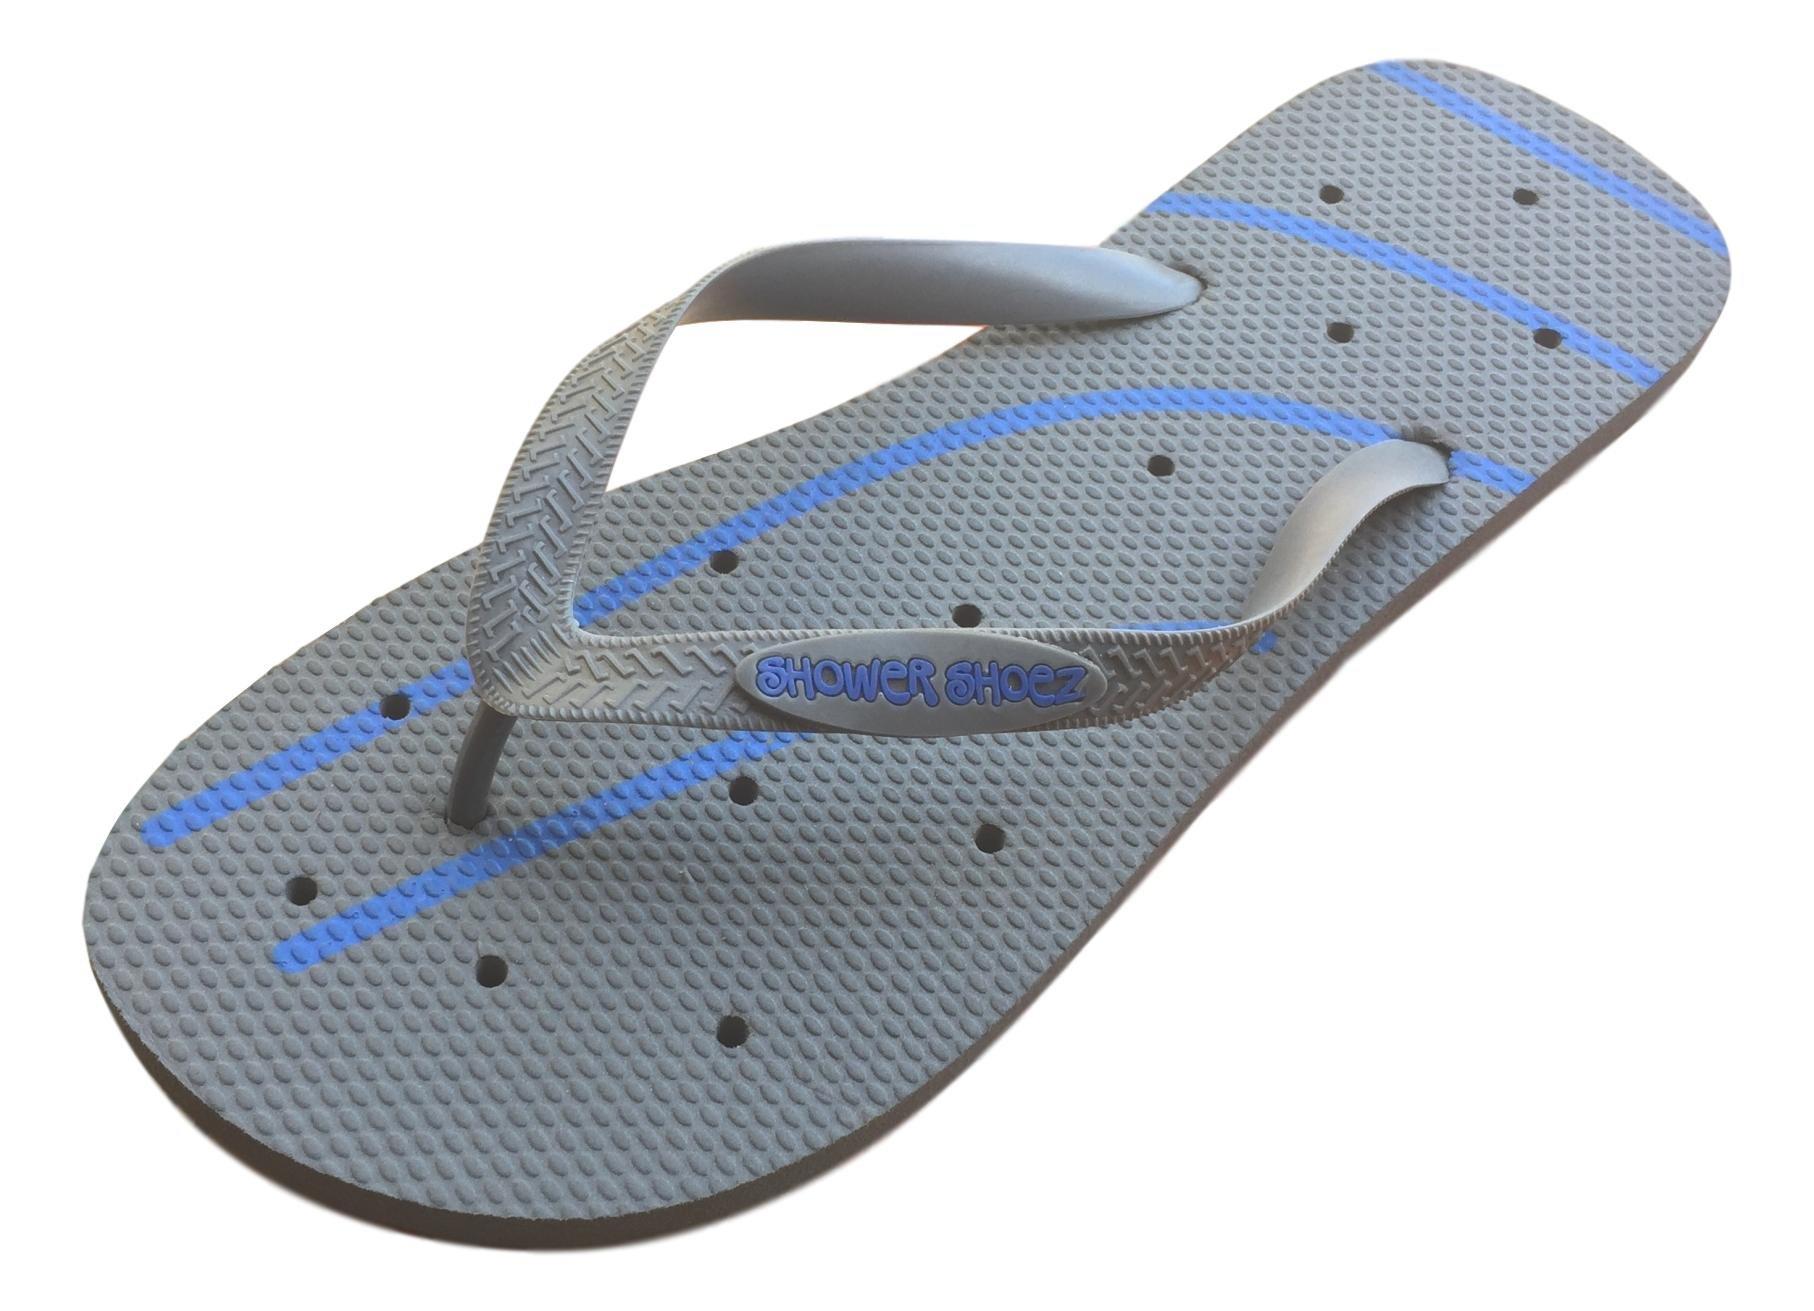 Shower Shoez Men's Antimicrobial Non-Slip Pool Dorm Water Sandals Flip Flops (XLarge 12/13, Grey/Blue)